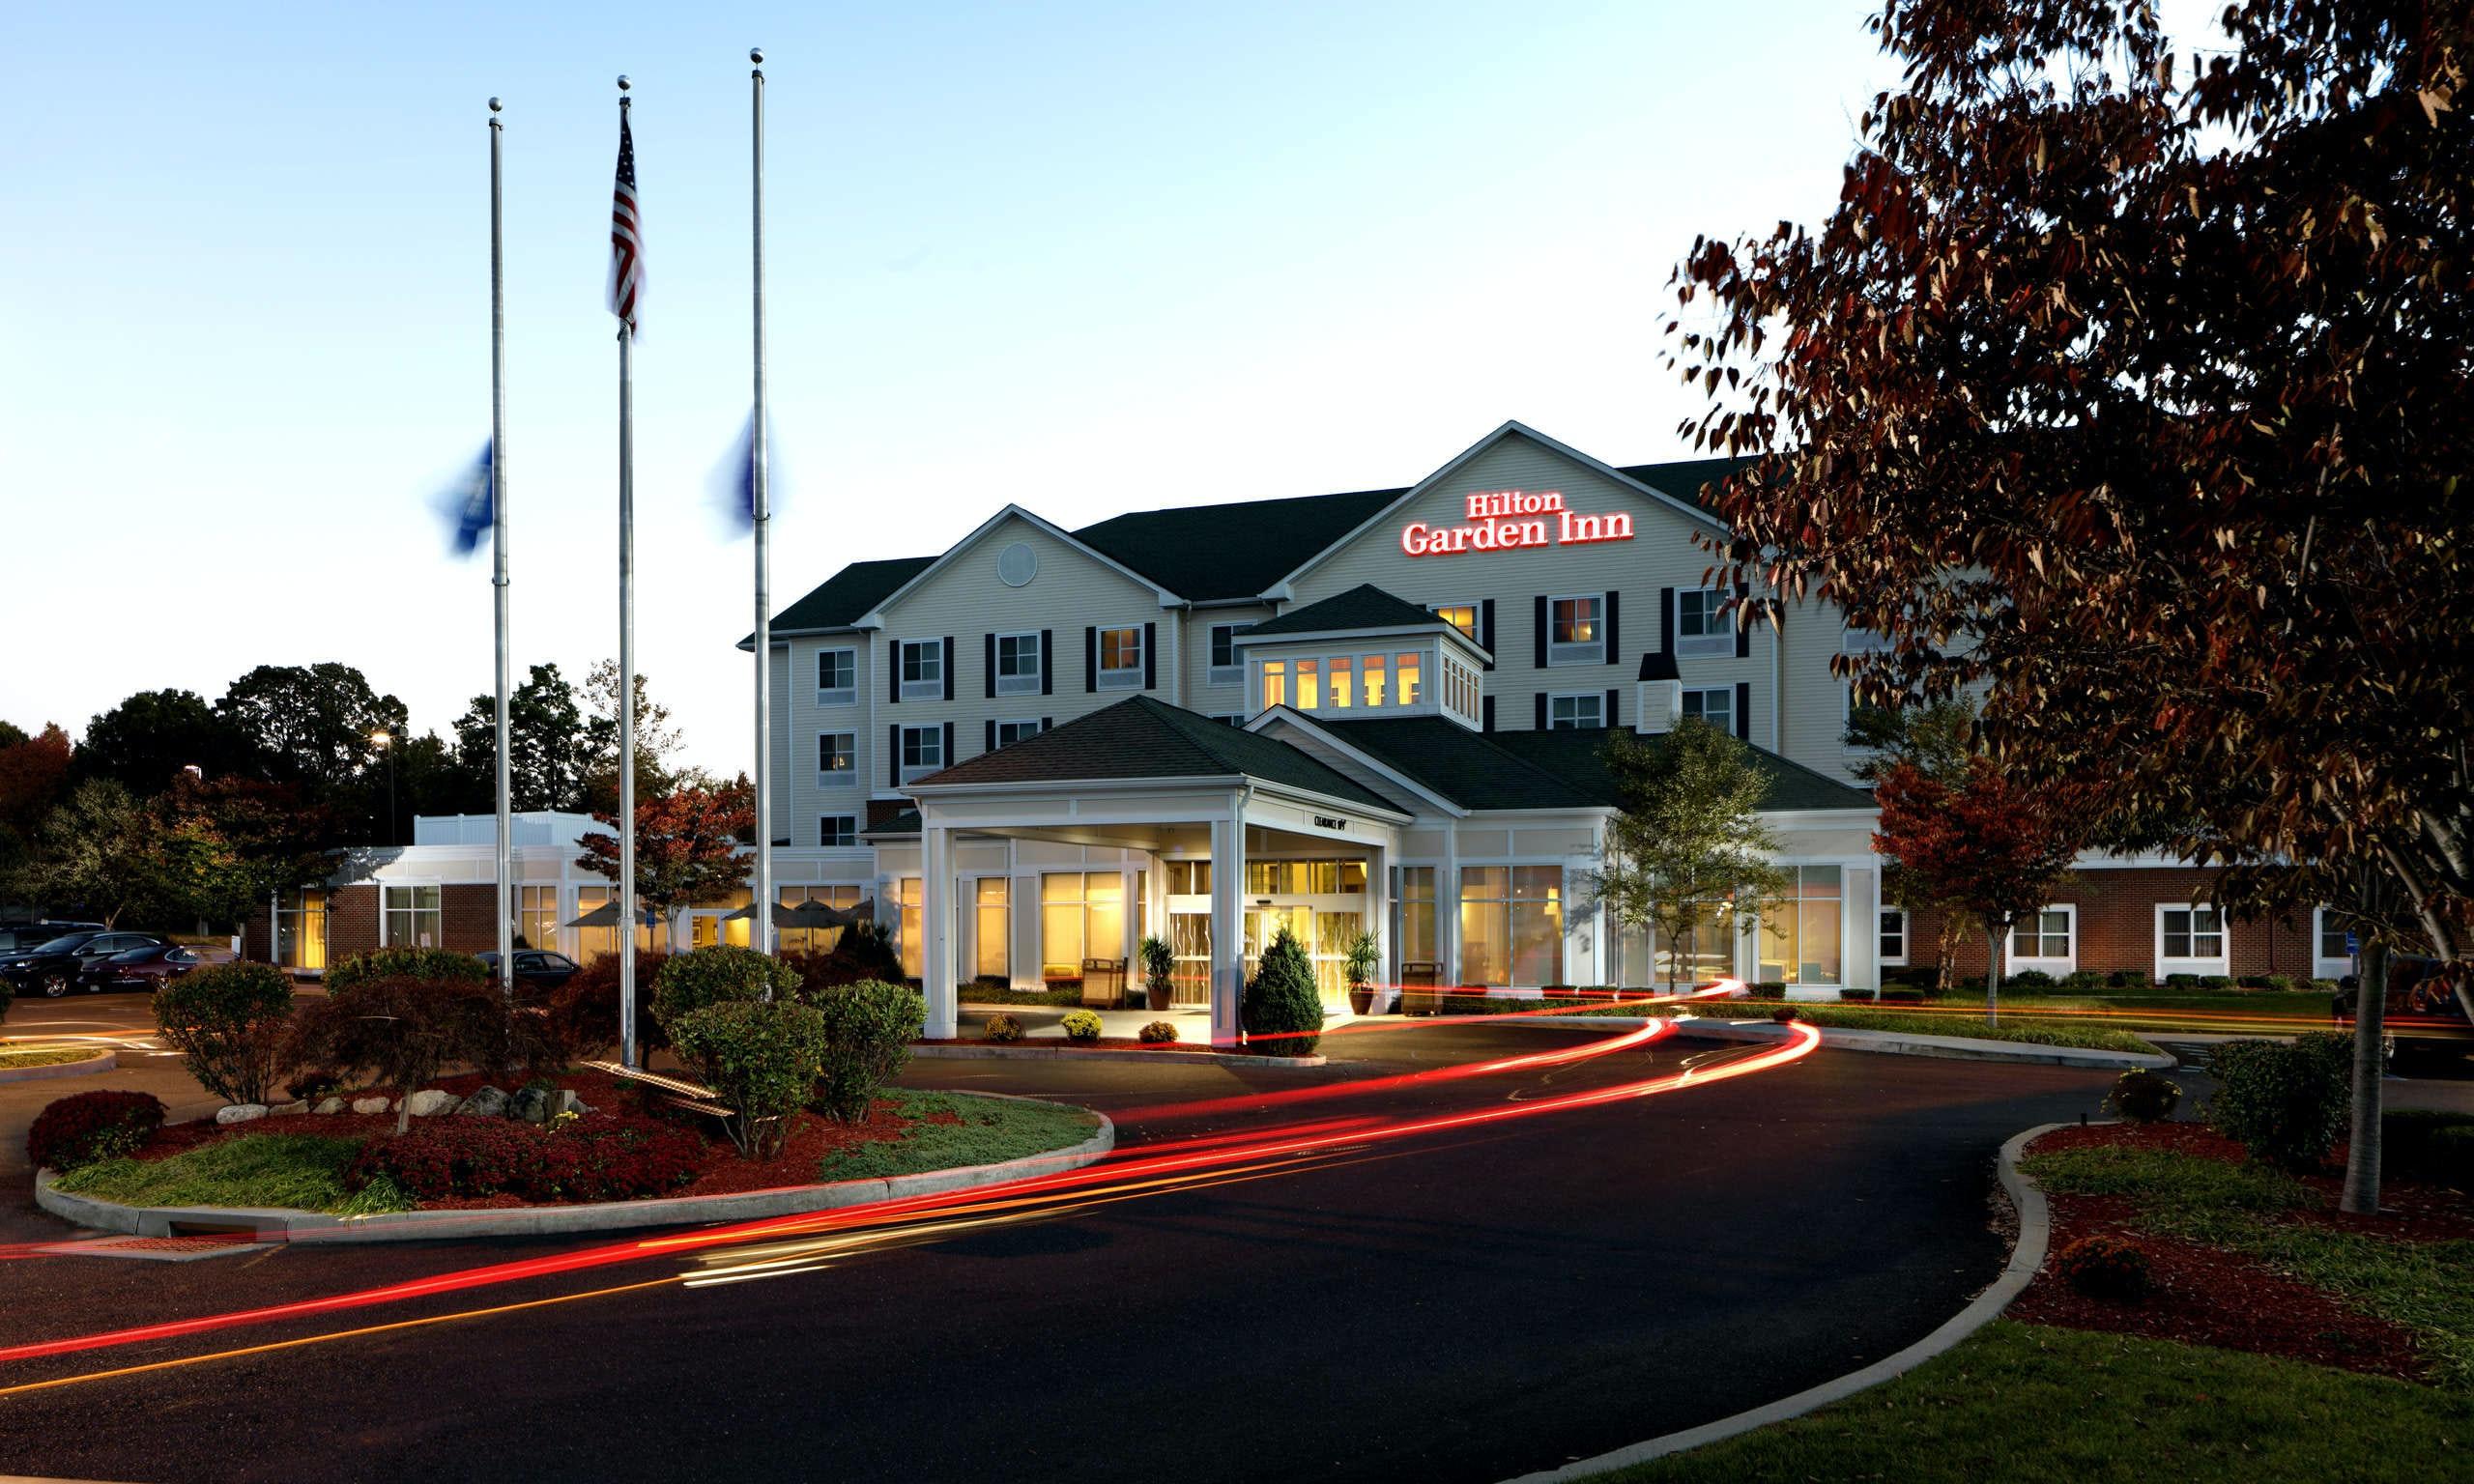 Last Minute Hotel Deals In Shelton Hoteltonight